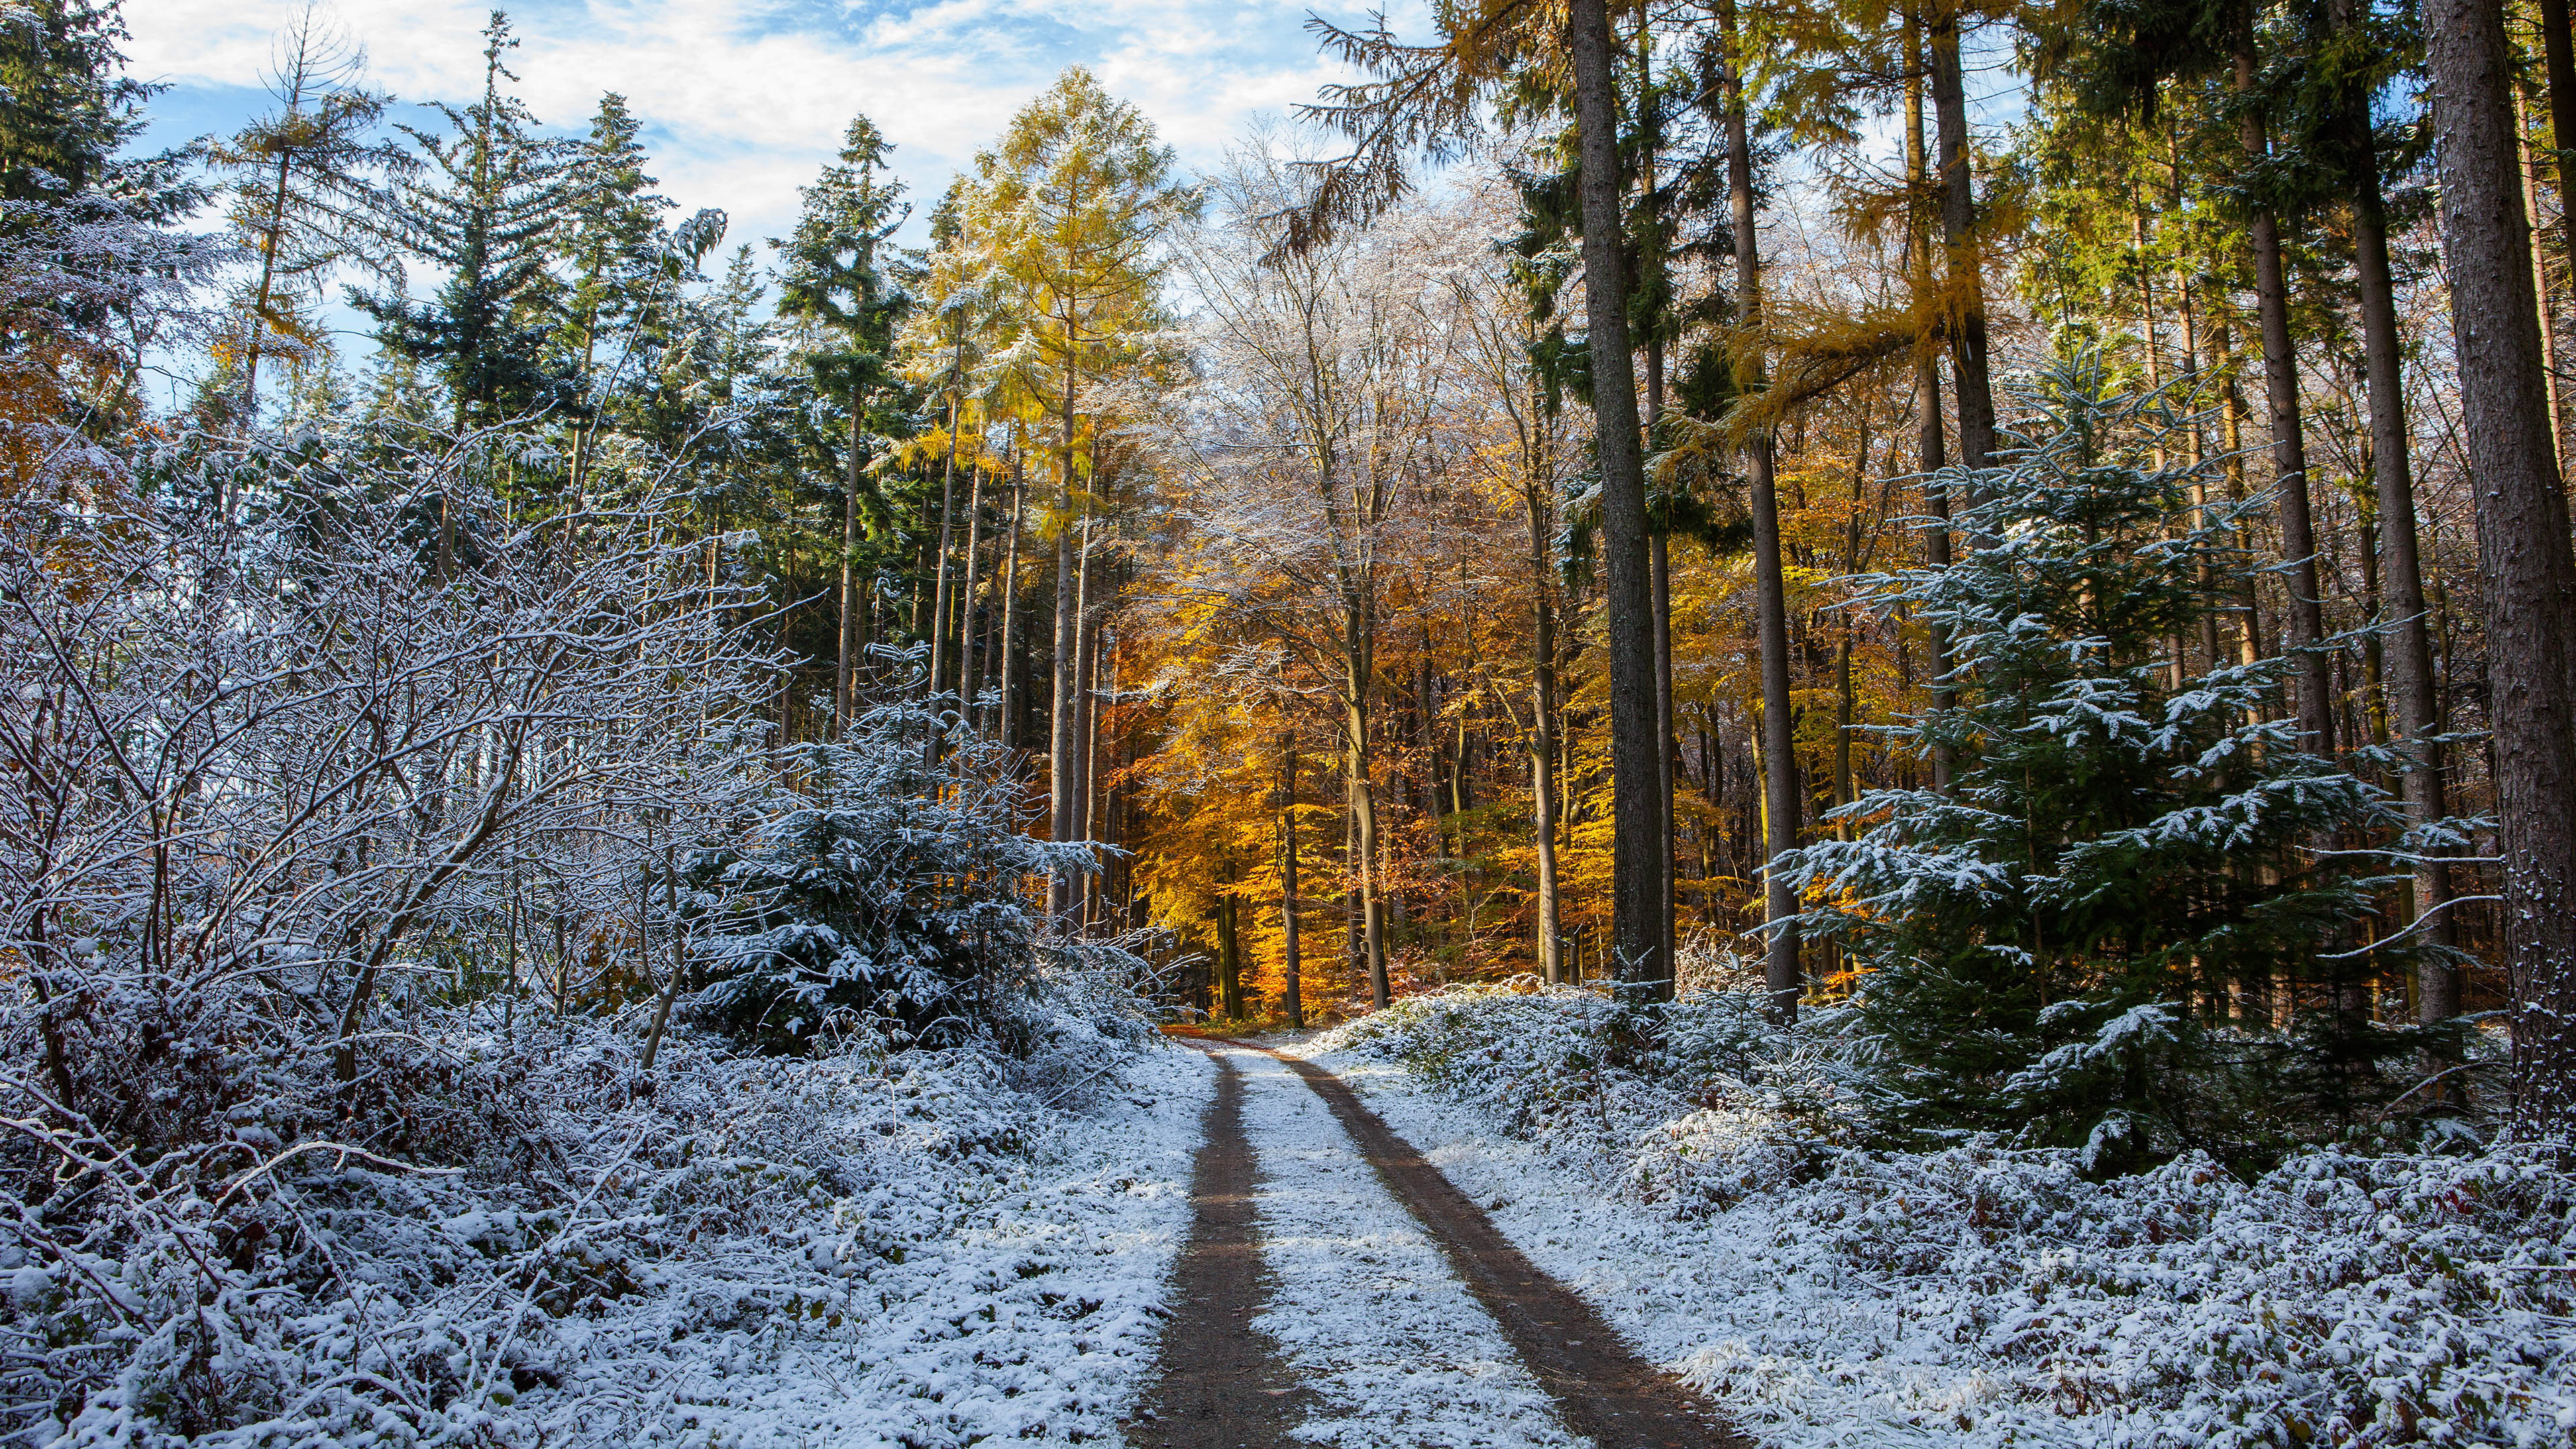 зима, первый снег, лес, природа, елки, сосны, 4к обои